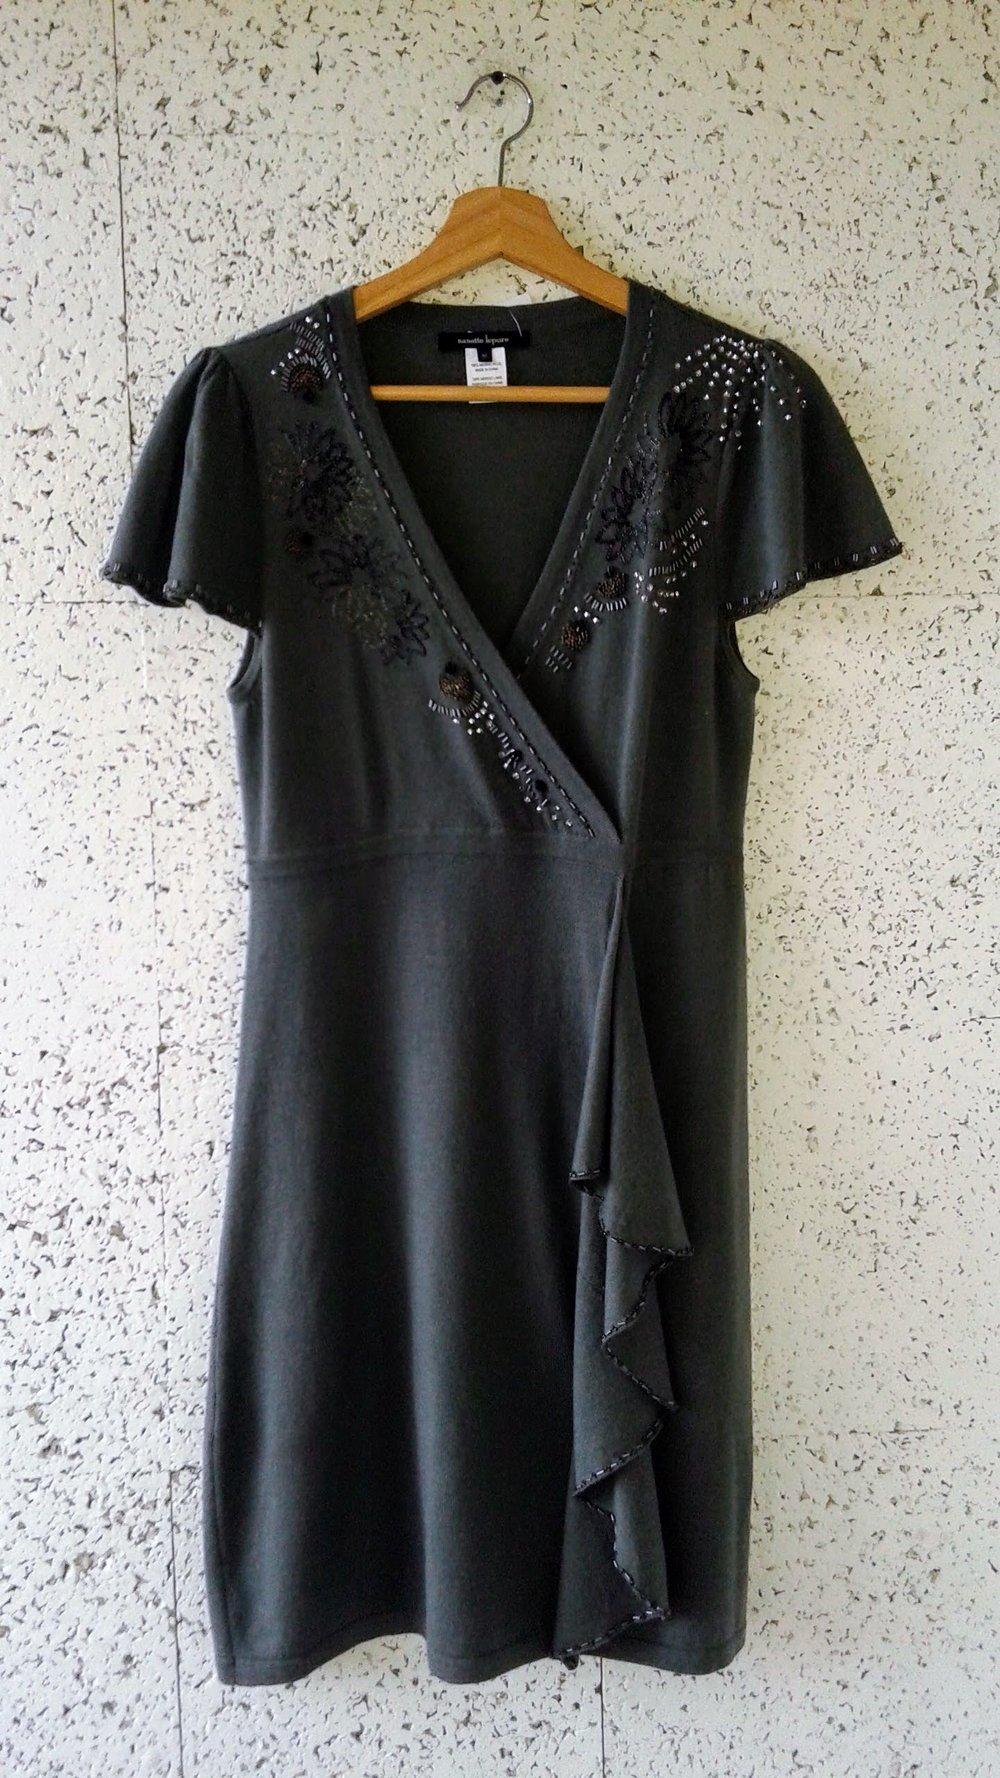 Nanette Lepore dress; Size M, $42